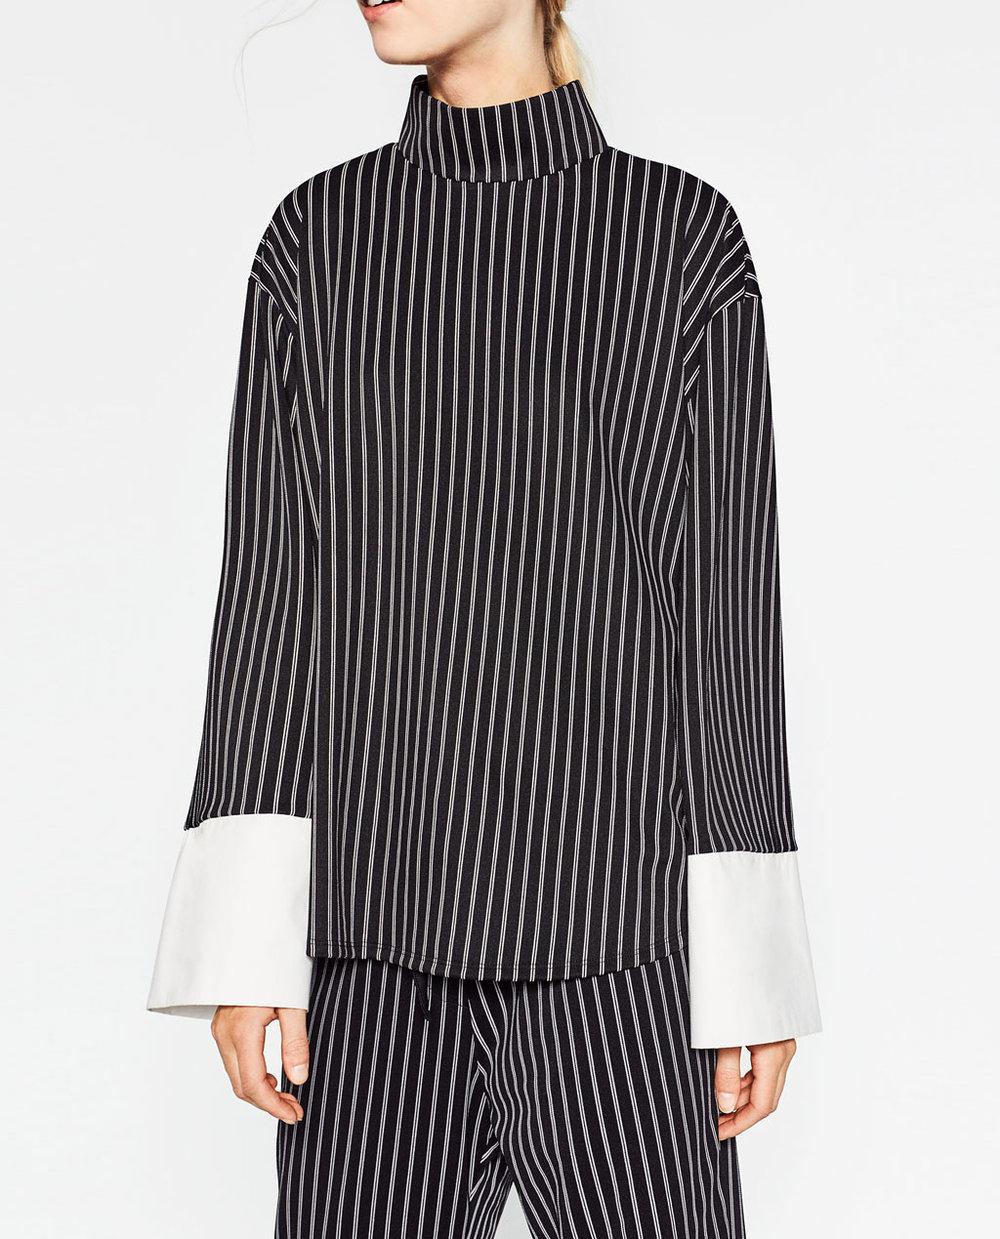 Zara $25.90